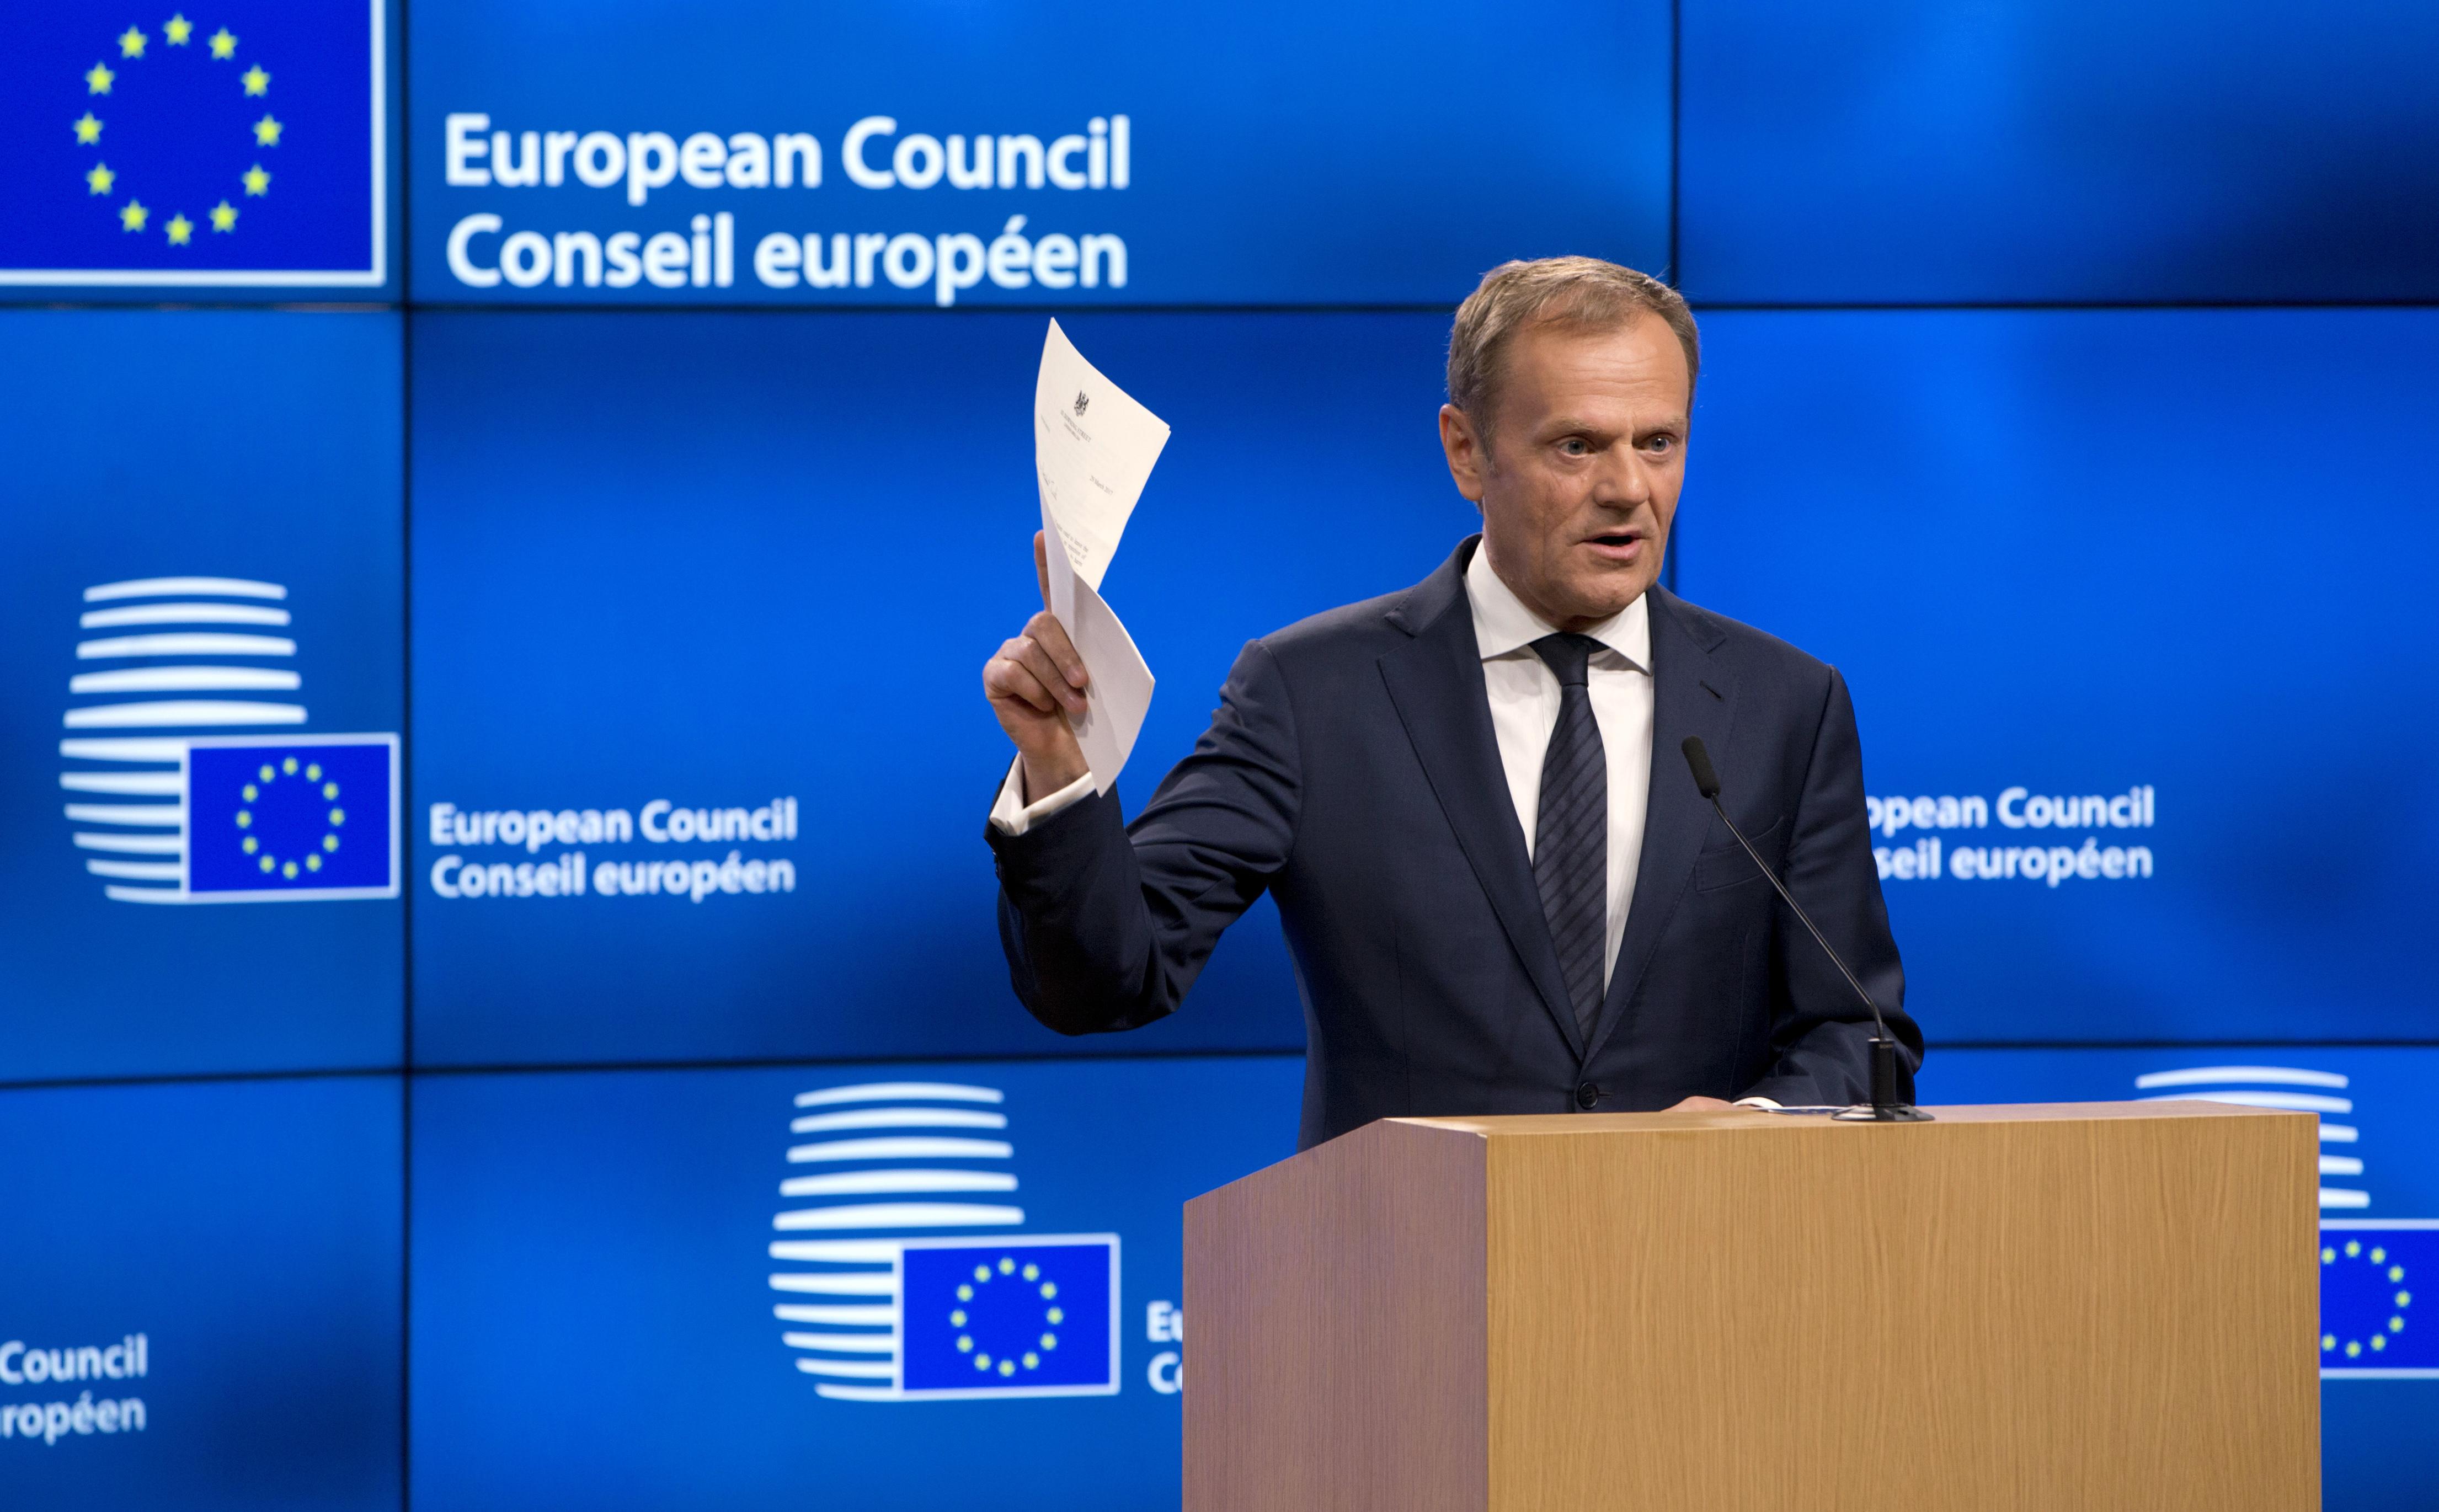 De voormalig voorzitter van de Europese Raad, Donald Tusk, houdt de brief van Theresa May vast waarmee ze artikel 50 activeert